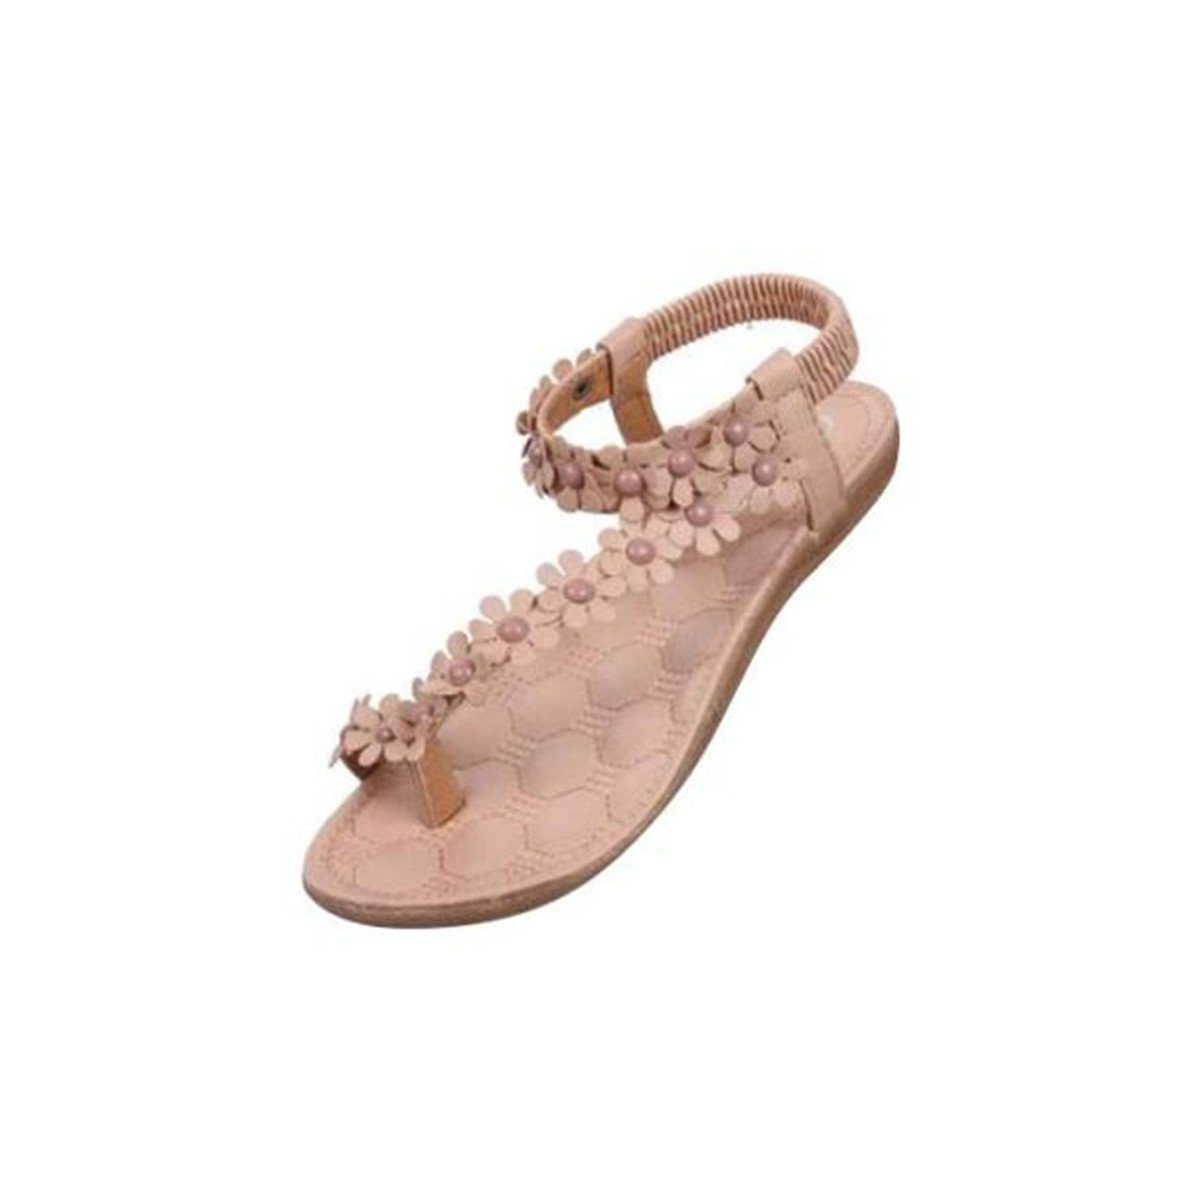 Sandalen Damen Sommer Elegant Bouml;hmen Blumen-Perlen Flip-Flop Schuhe Flache Sandalen Schuhe Mode Strandschuhe Zehentrenner Pantoletten Riemchensandalen  39 EU|A